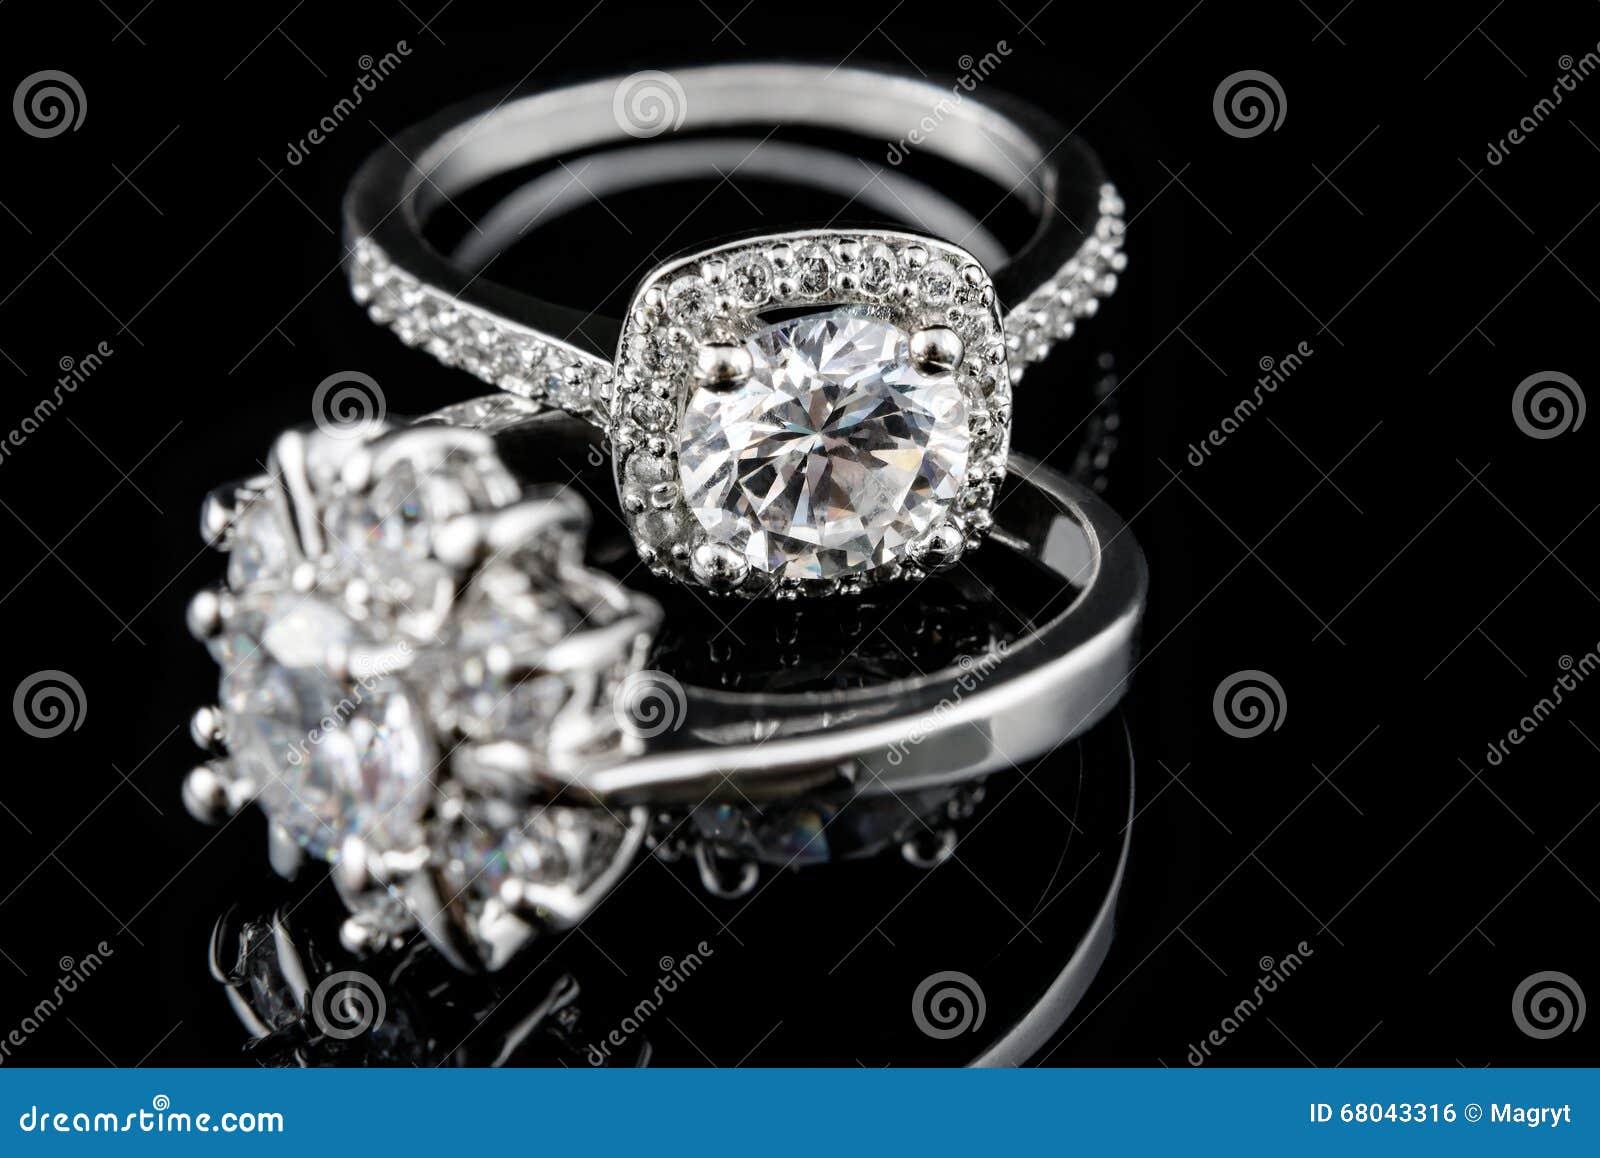 Anelli fidanzamento lusso